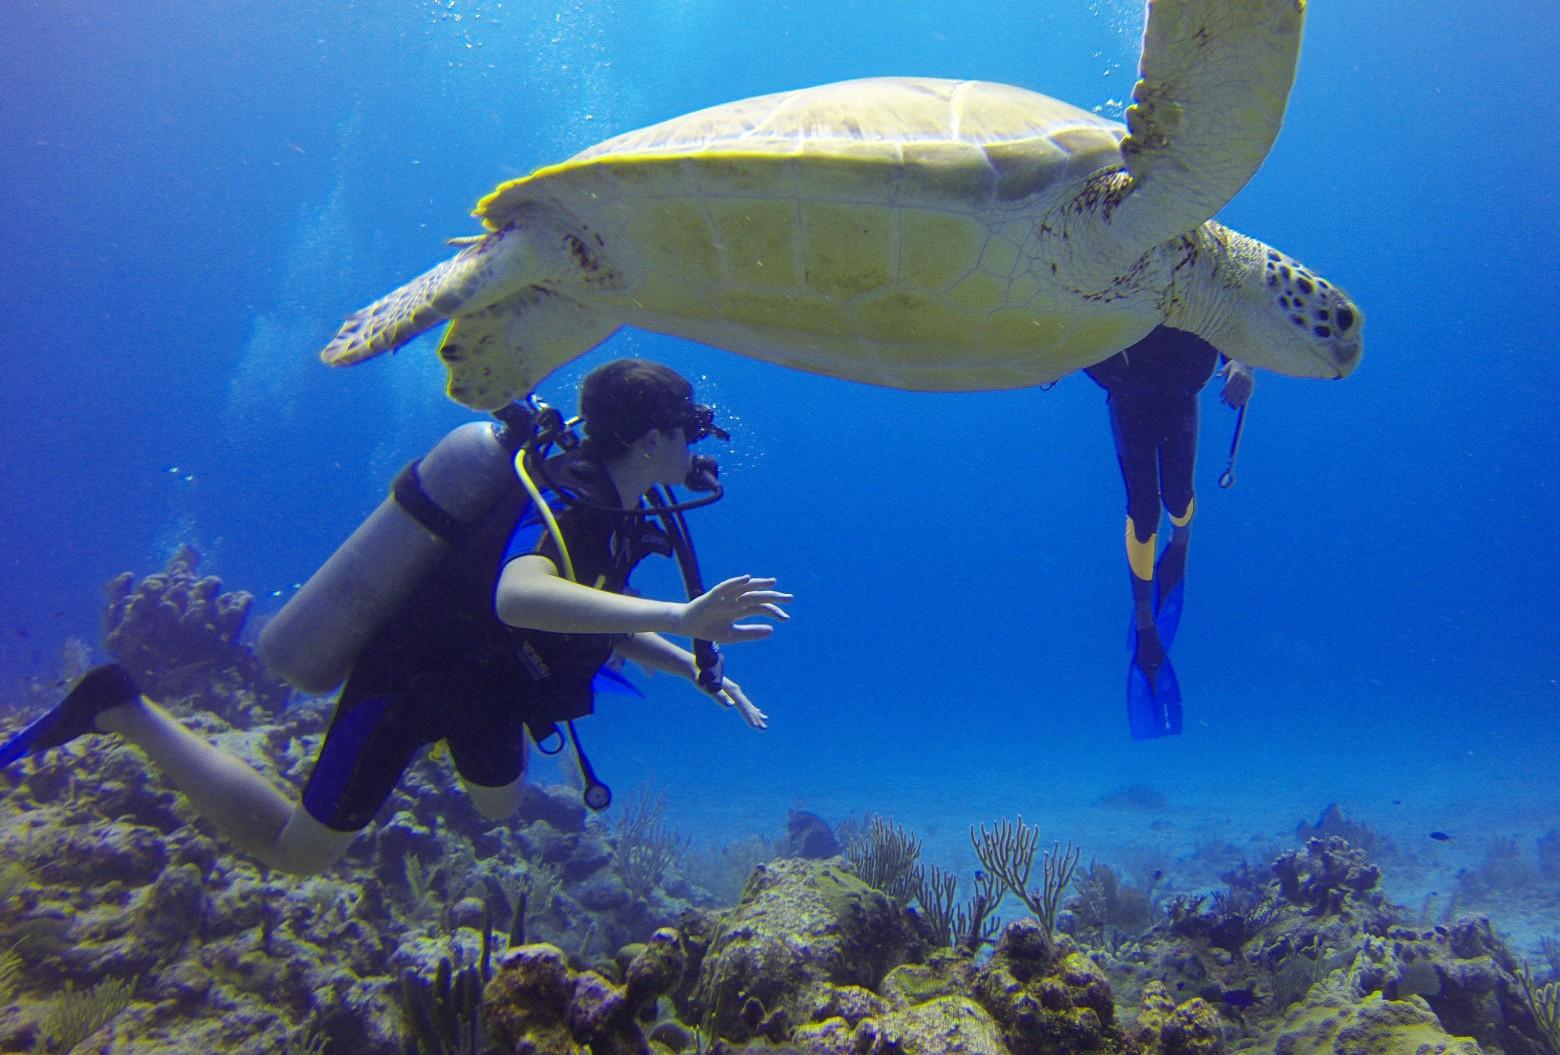 plongée-sous-marine-tortue-géante-1560x1055.jpg